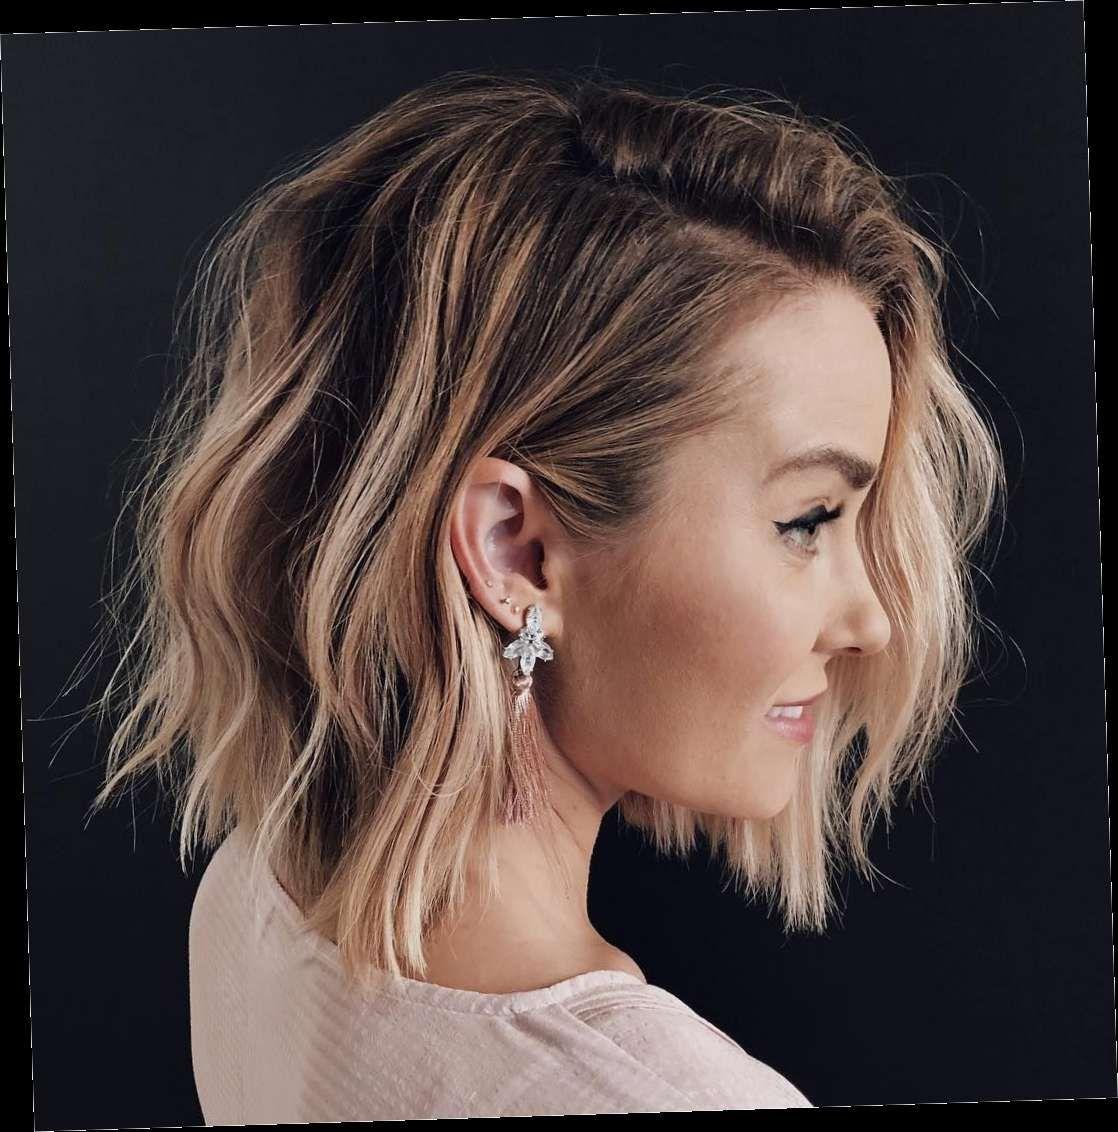 38 Bob Kapsels Jagged Edge Bob Dieser Haarschnitt Wird 2020 Ein Riesen Trend In 2020 Lauren Conrad Hair Ombre Hair Blonde Hair Styles